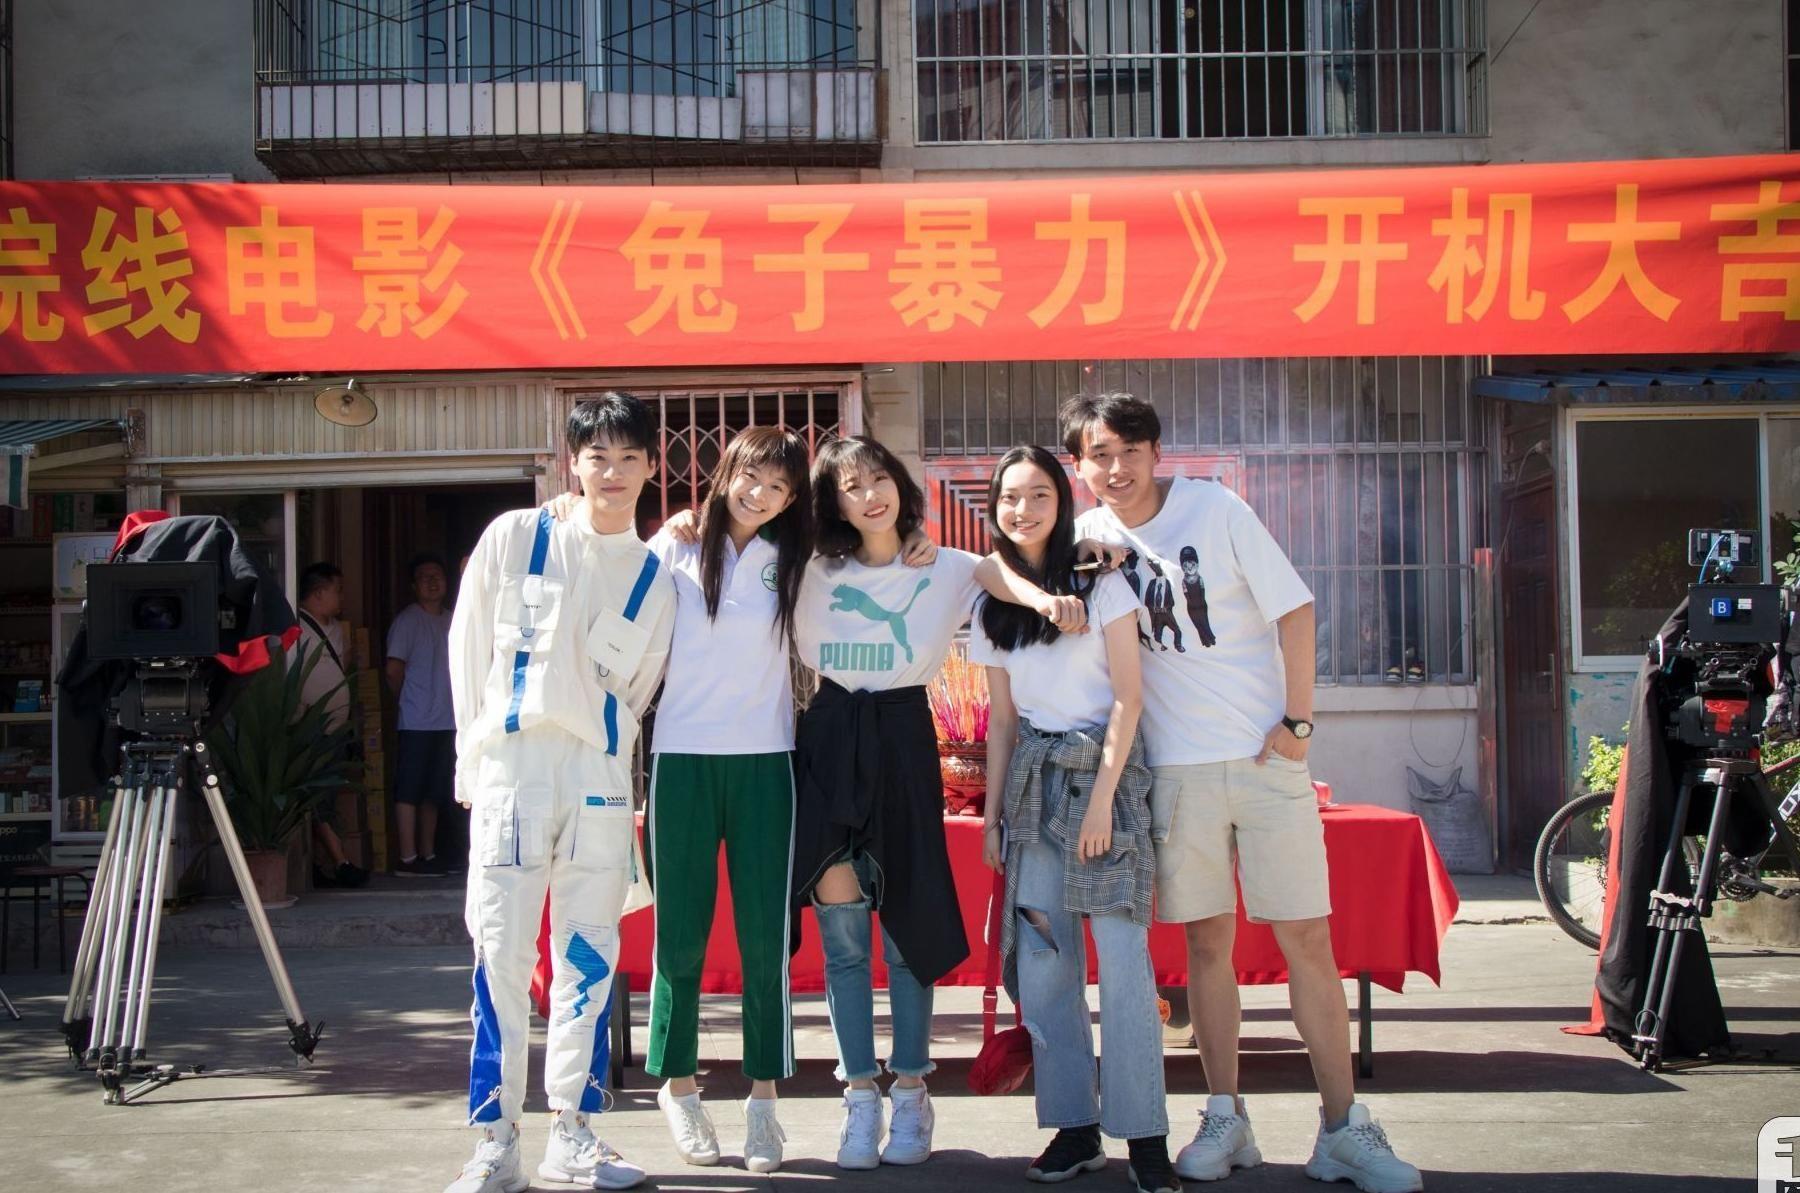 青春犯罪電影《兔子暴力》在四川攀枝花開機